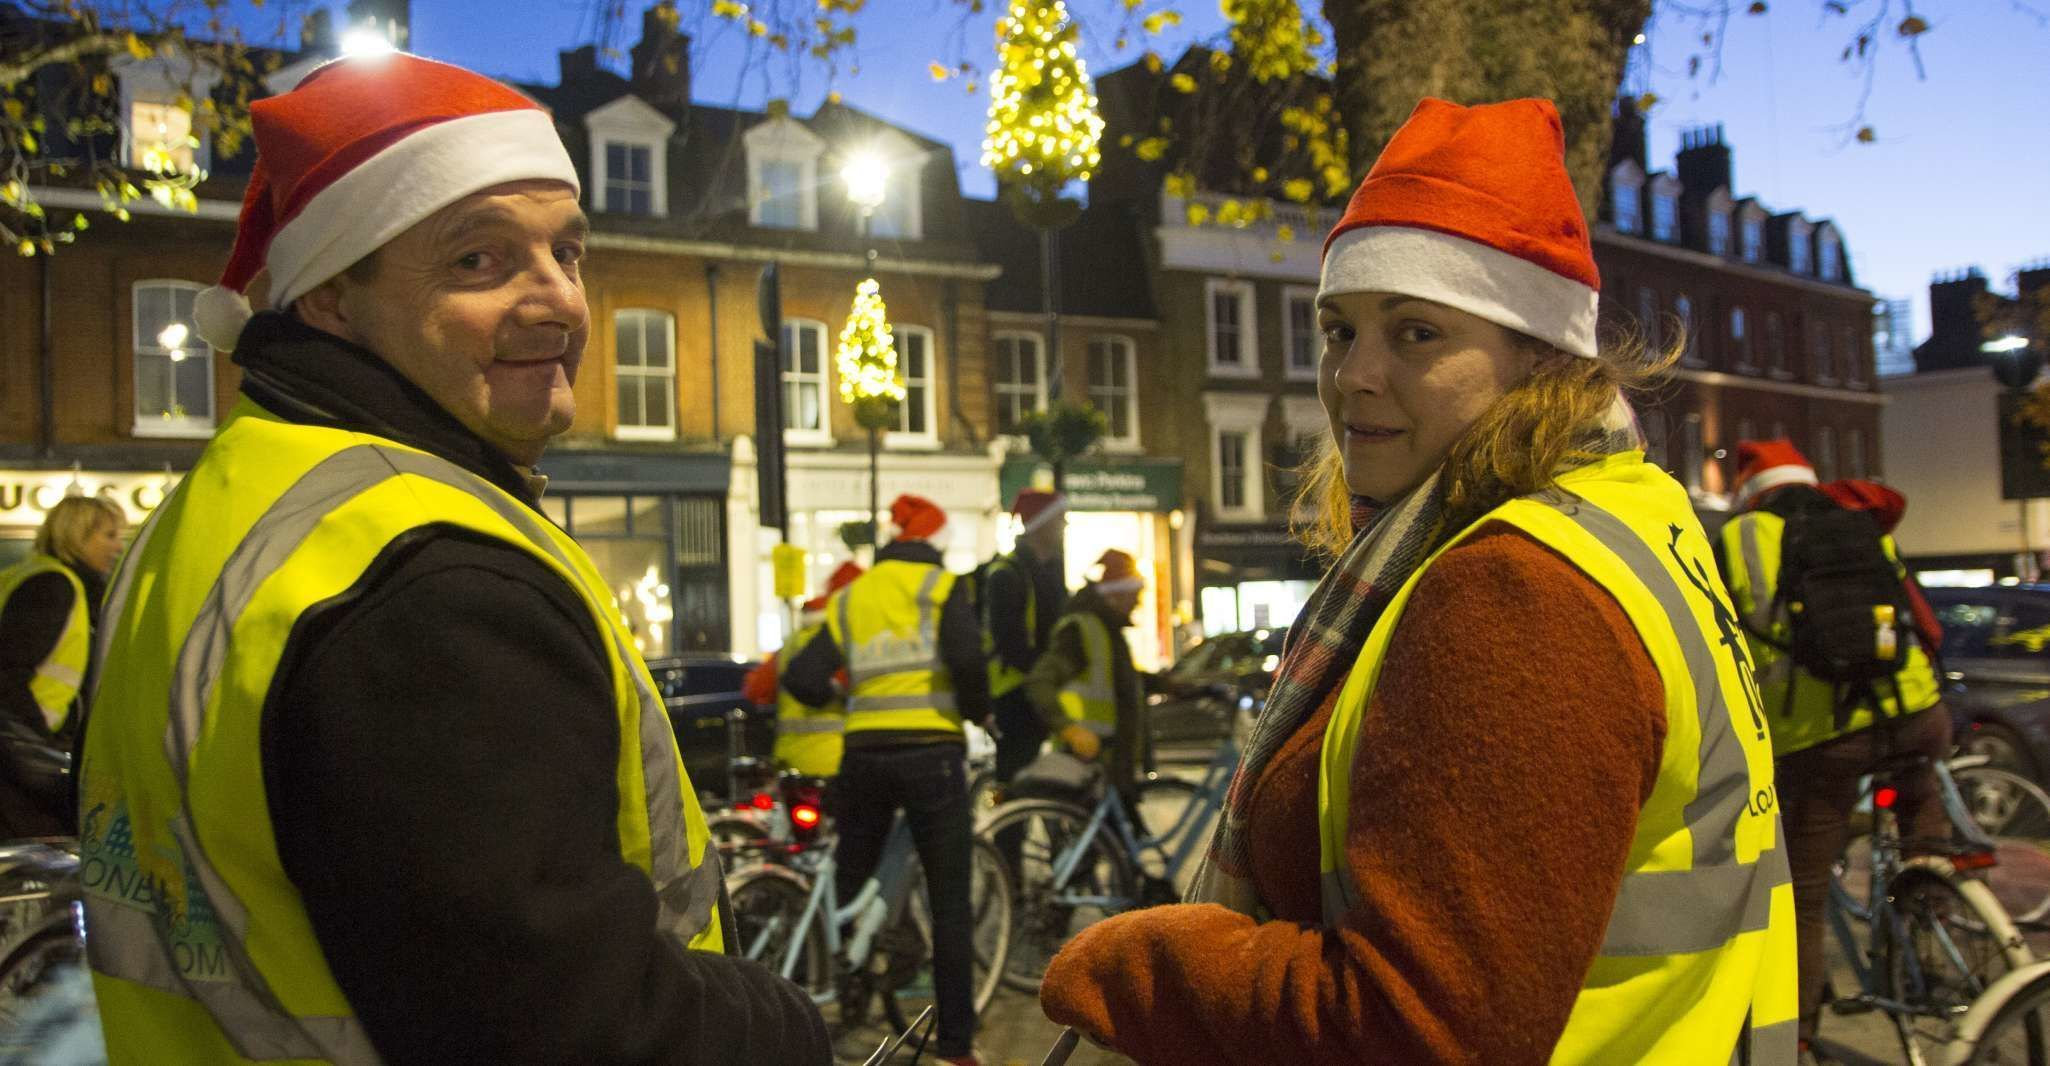 London Christmas Lights Bike Tour